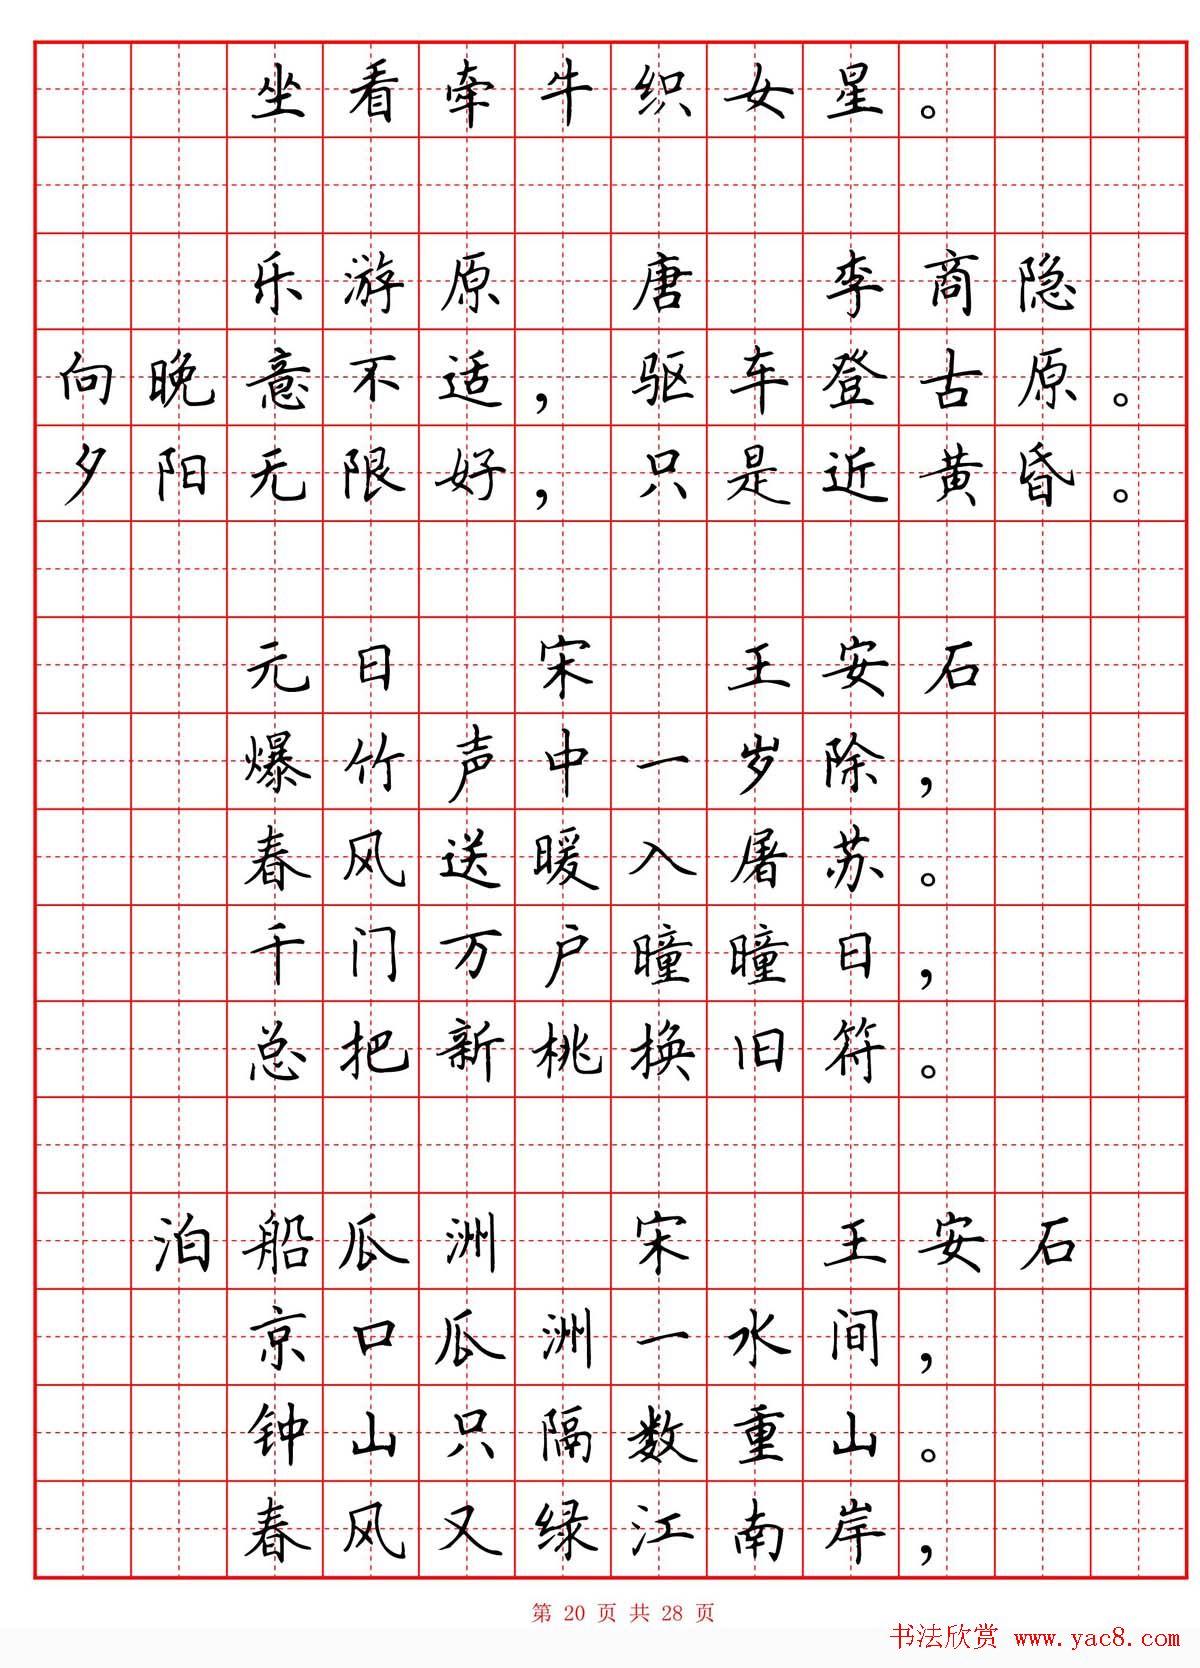 硬笔书法字帖 小学生必背古诗词八十首 第20页 钢笔字帖 书法欣赏